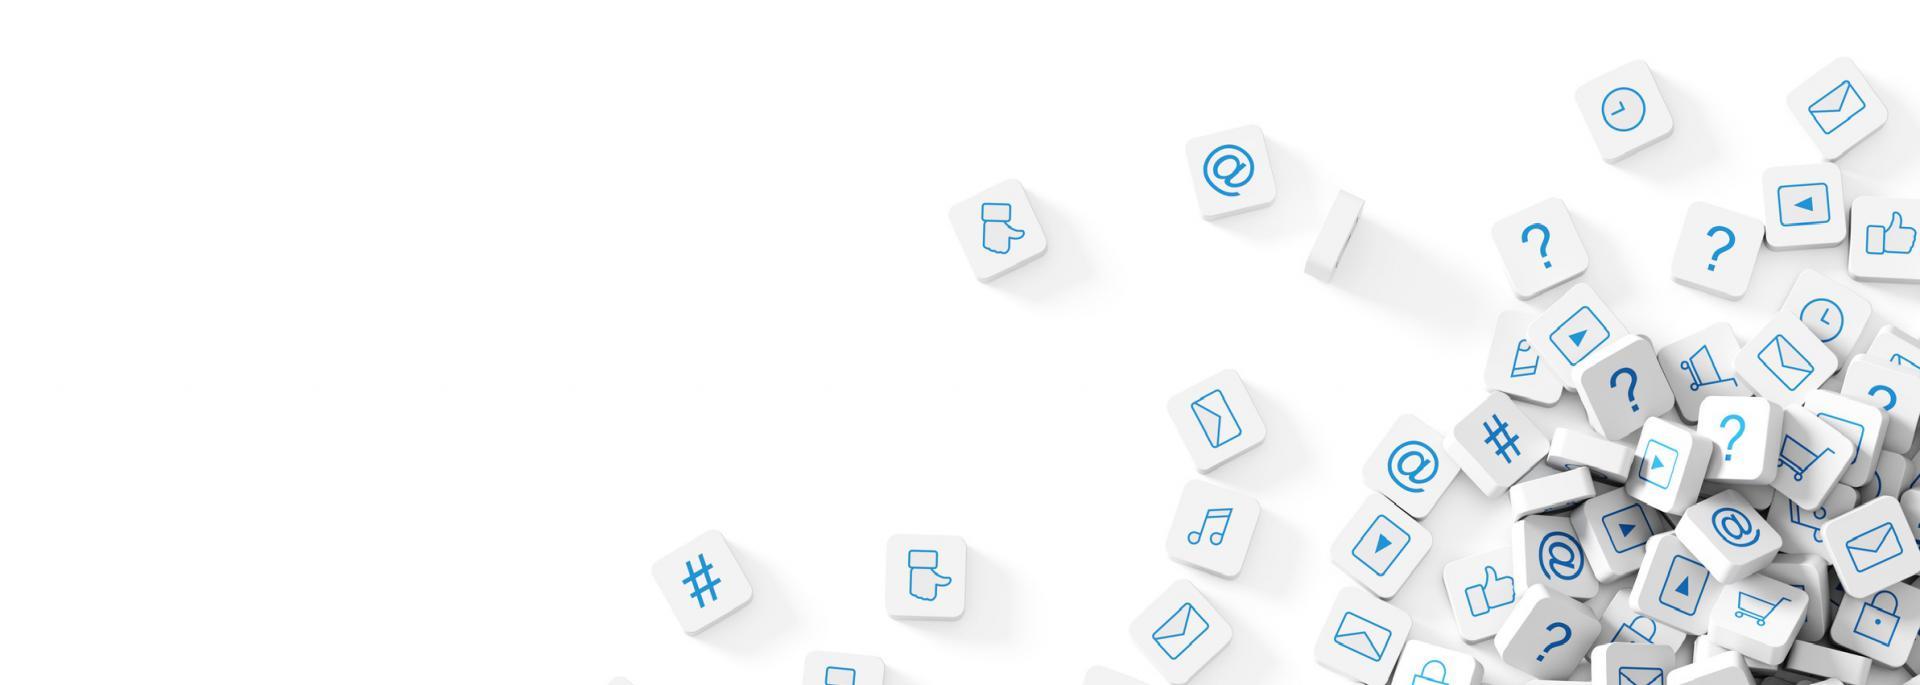 Würfel mit Social Media Symbolen auf weißem Untergrund